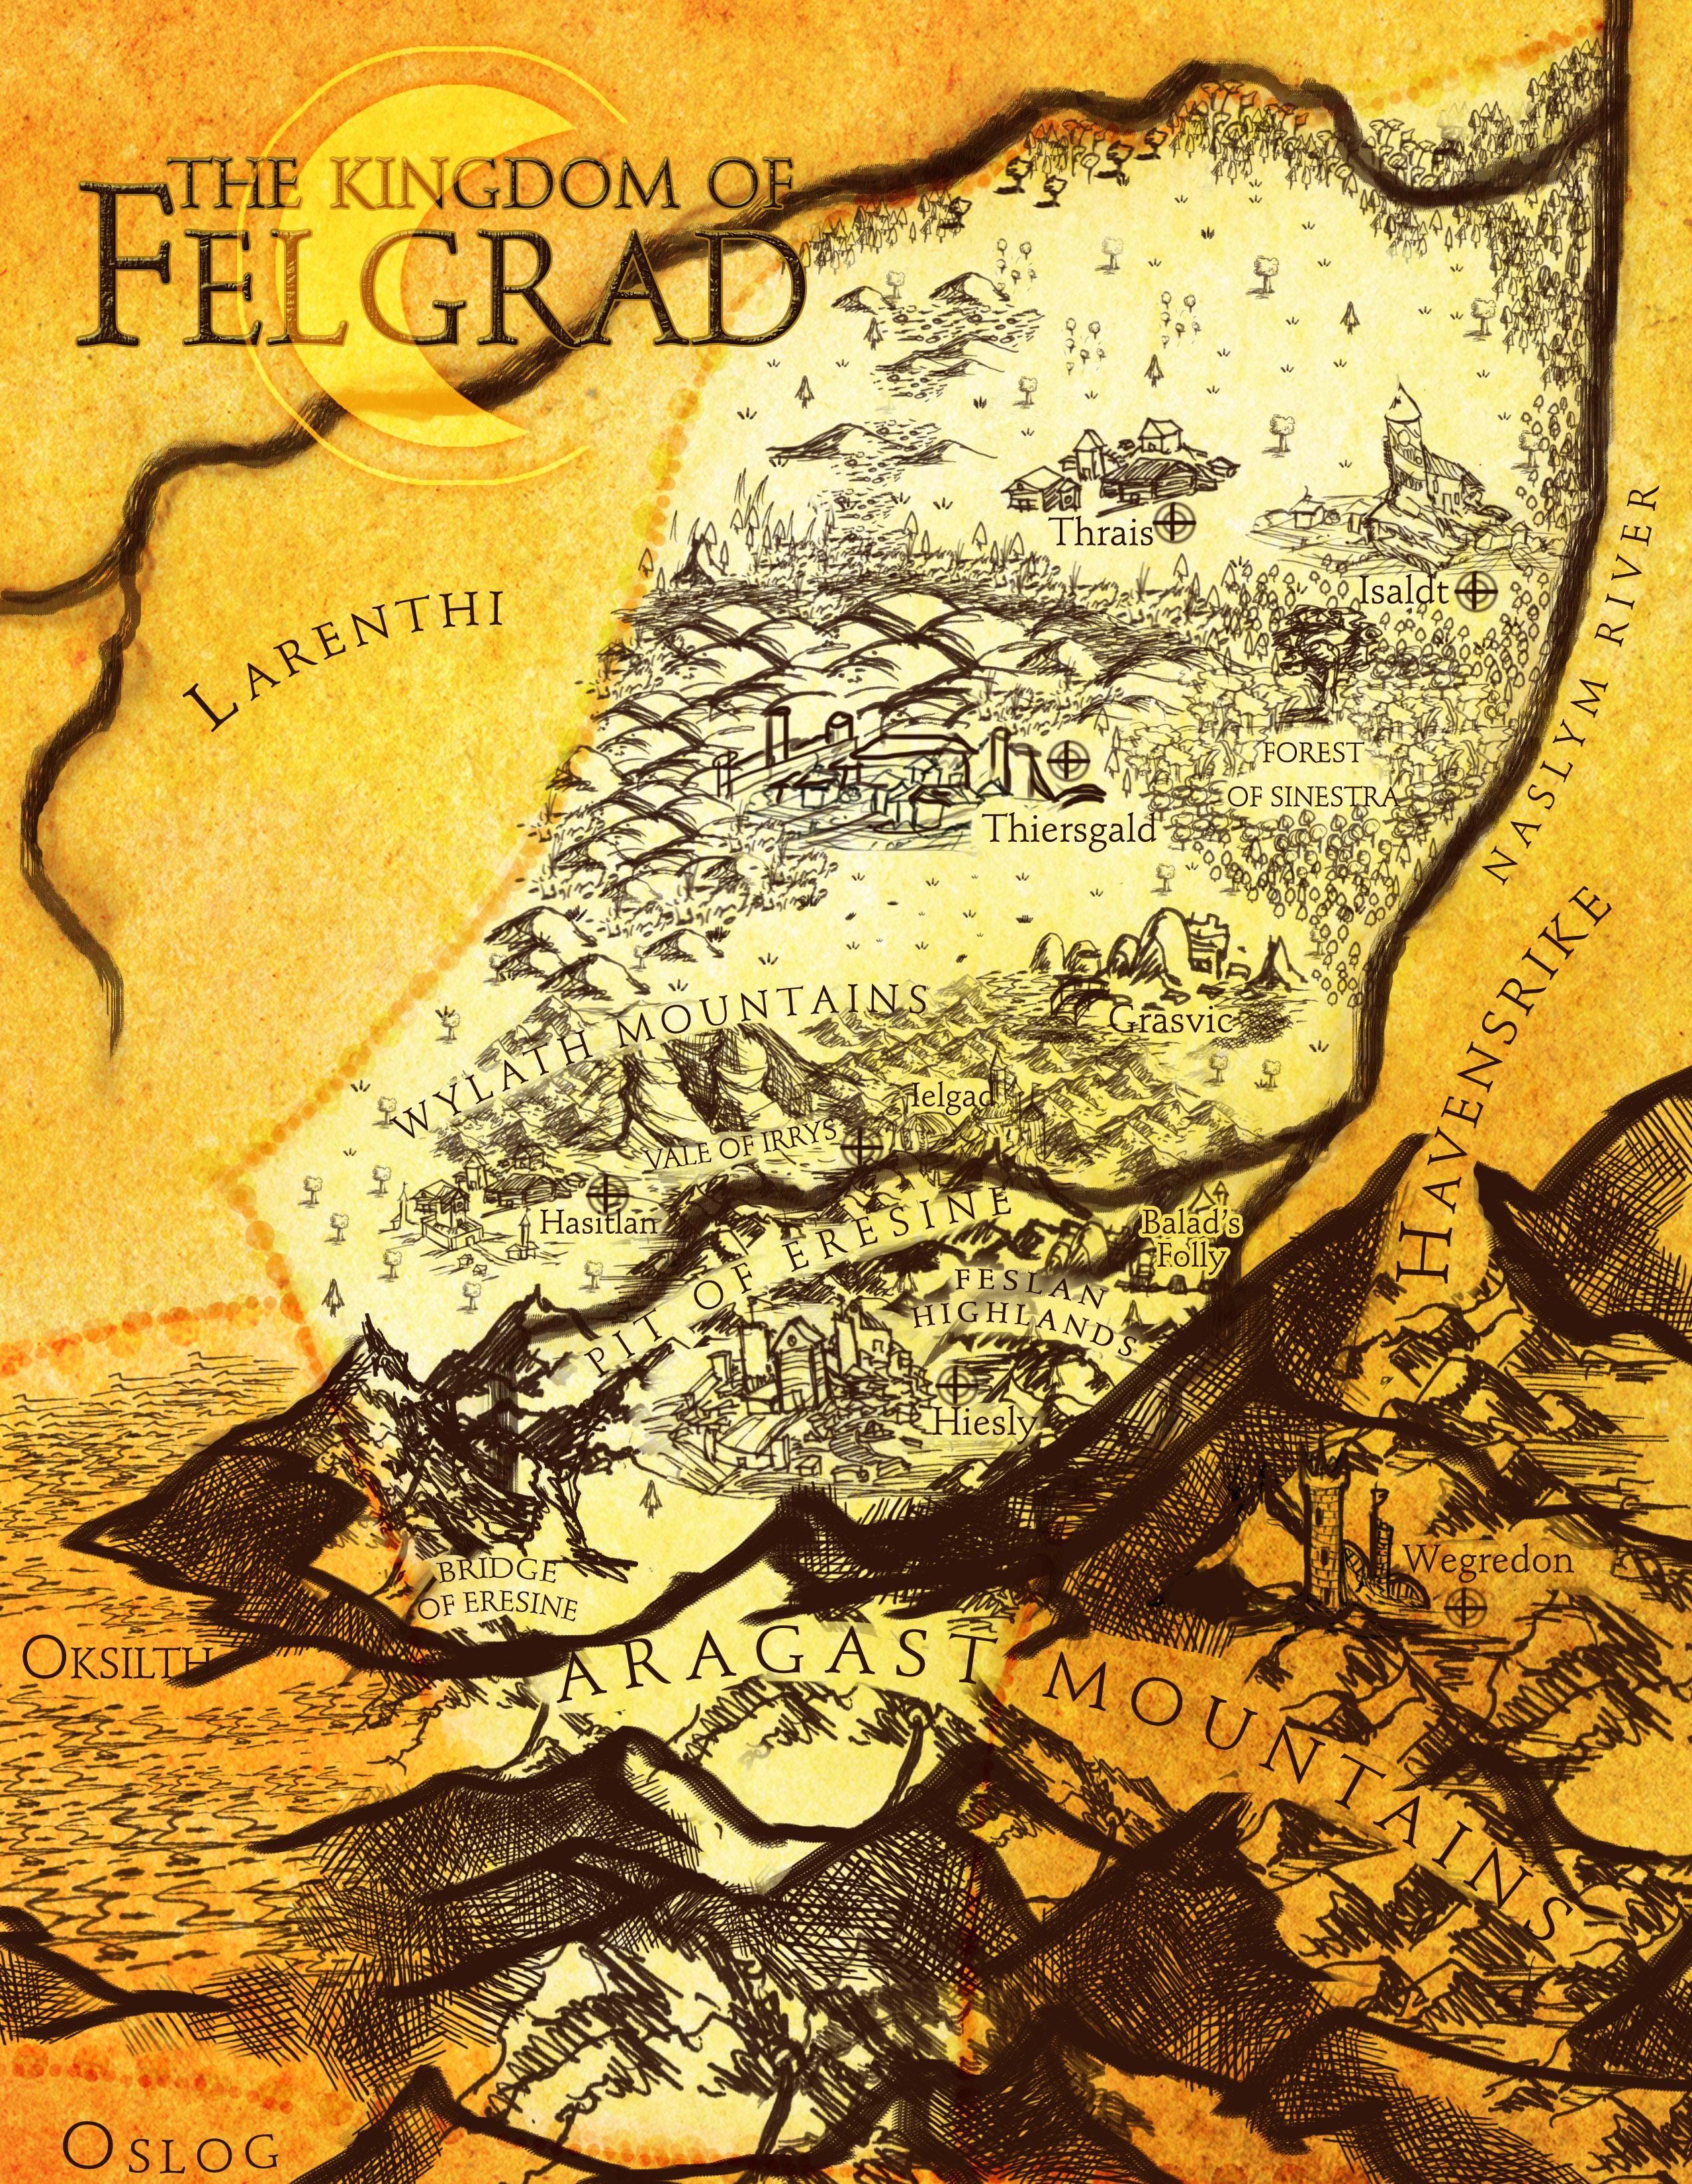 Map of Felgrad